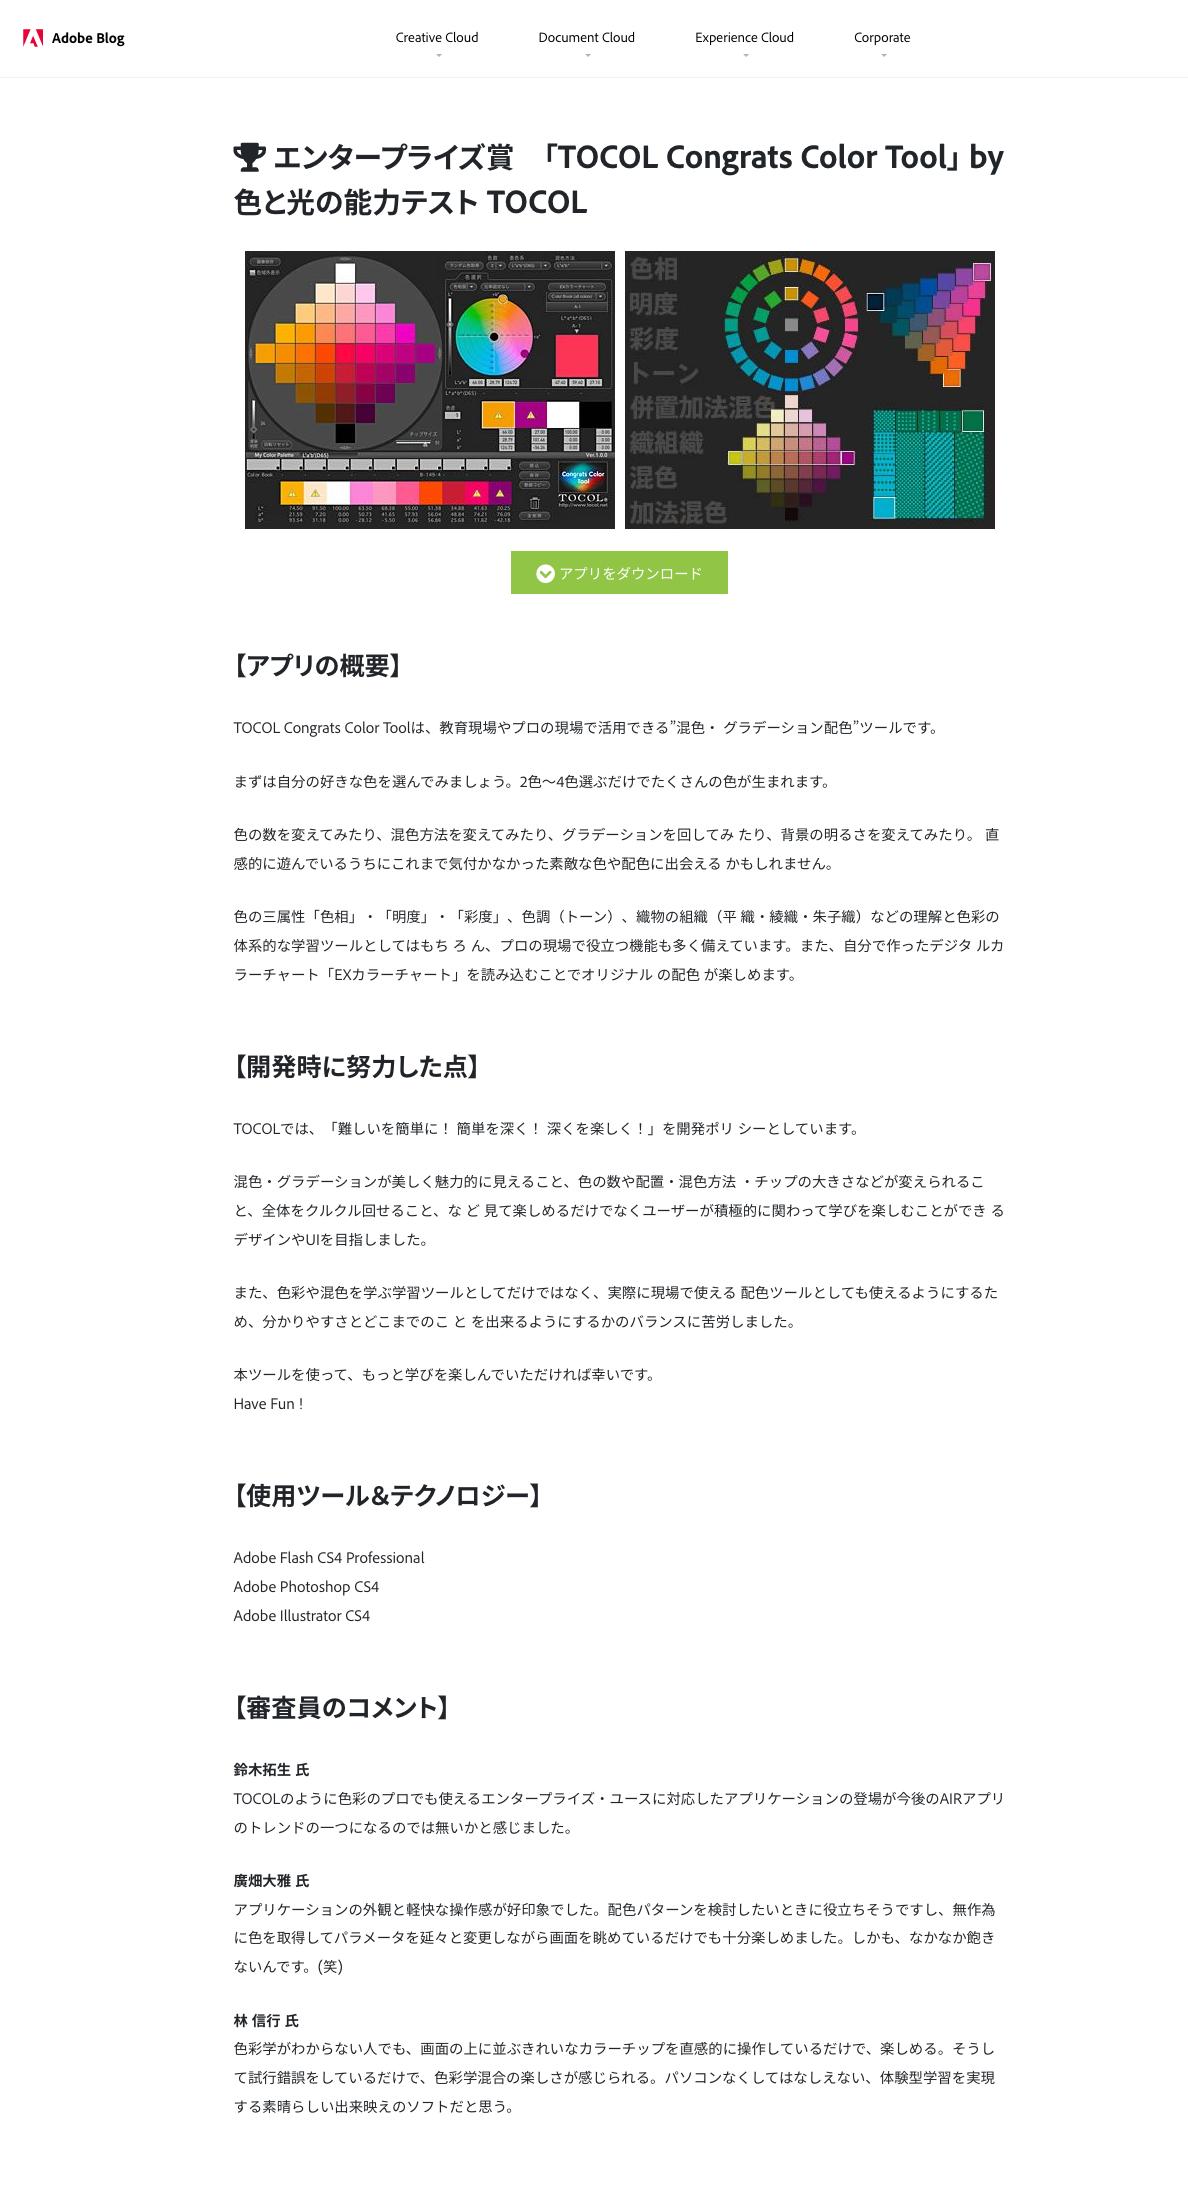 エンタープライズ賞TOCOL Congrats Color Tool